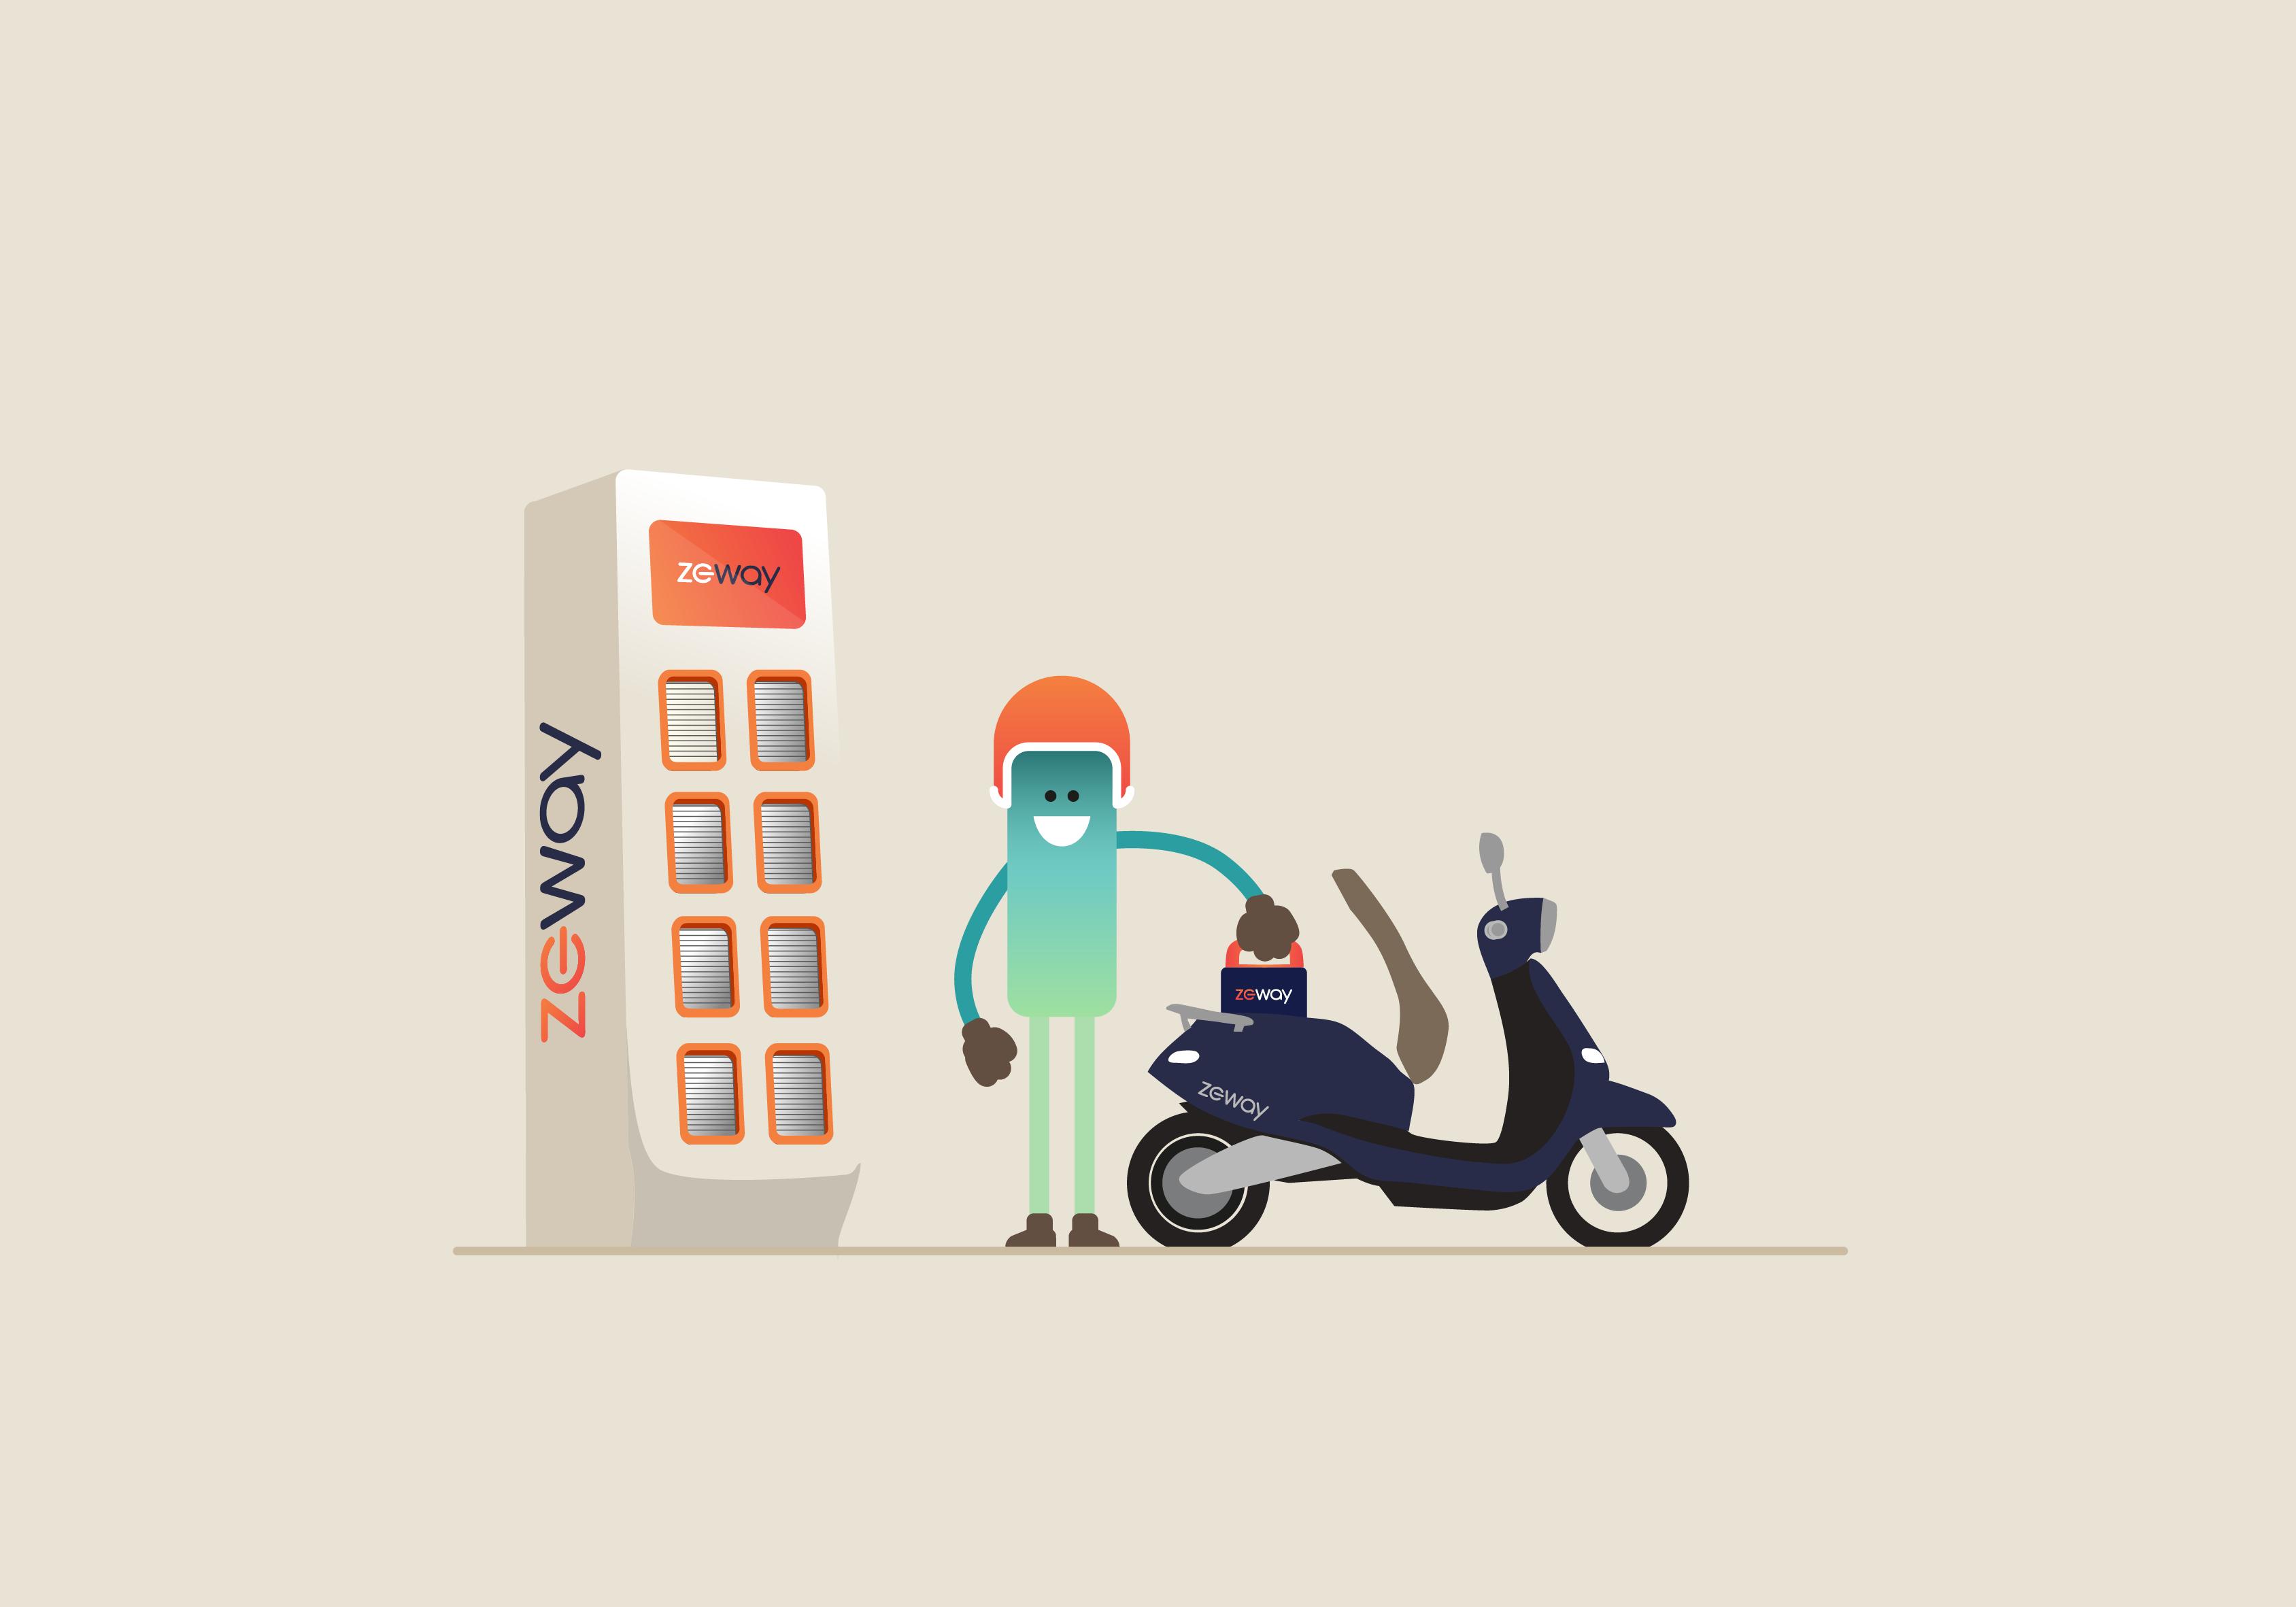 station échange batterie